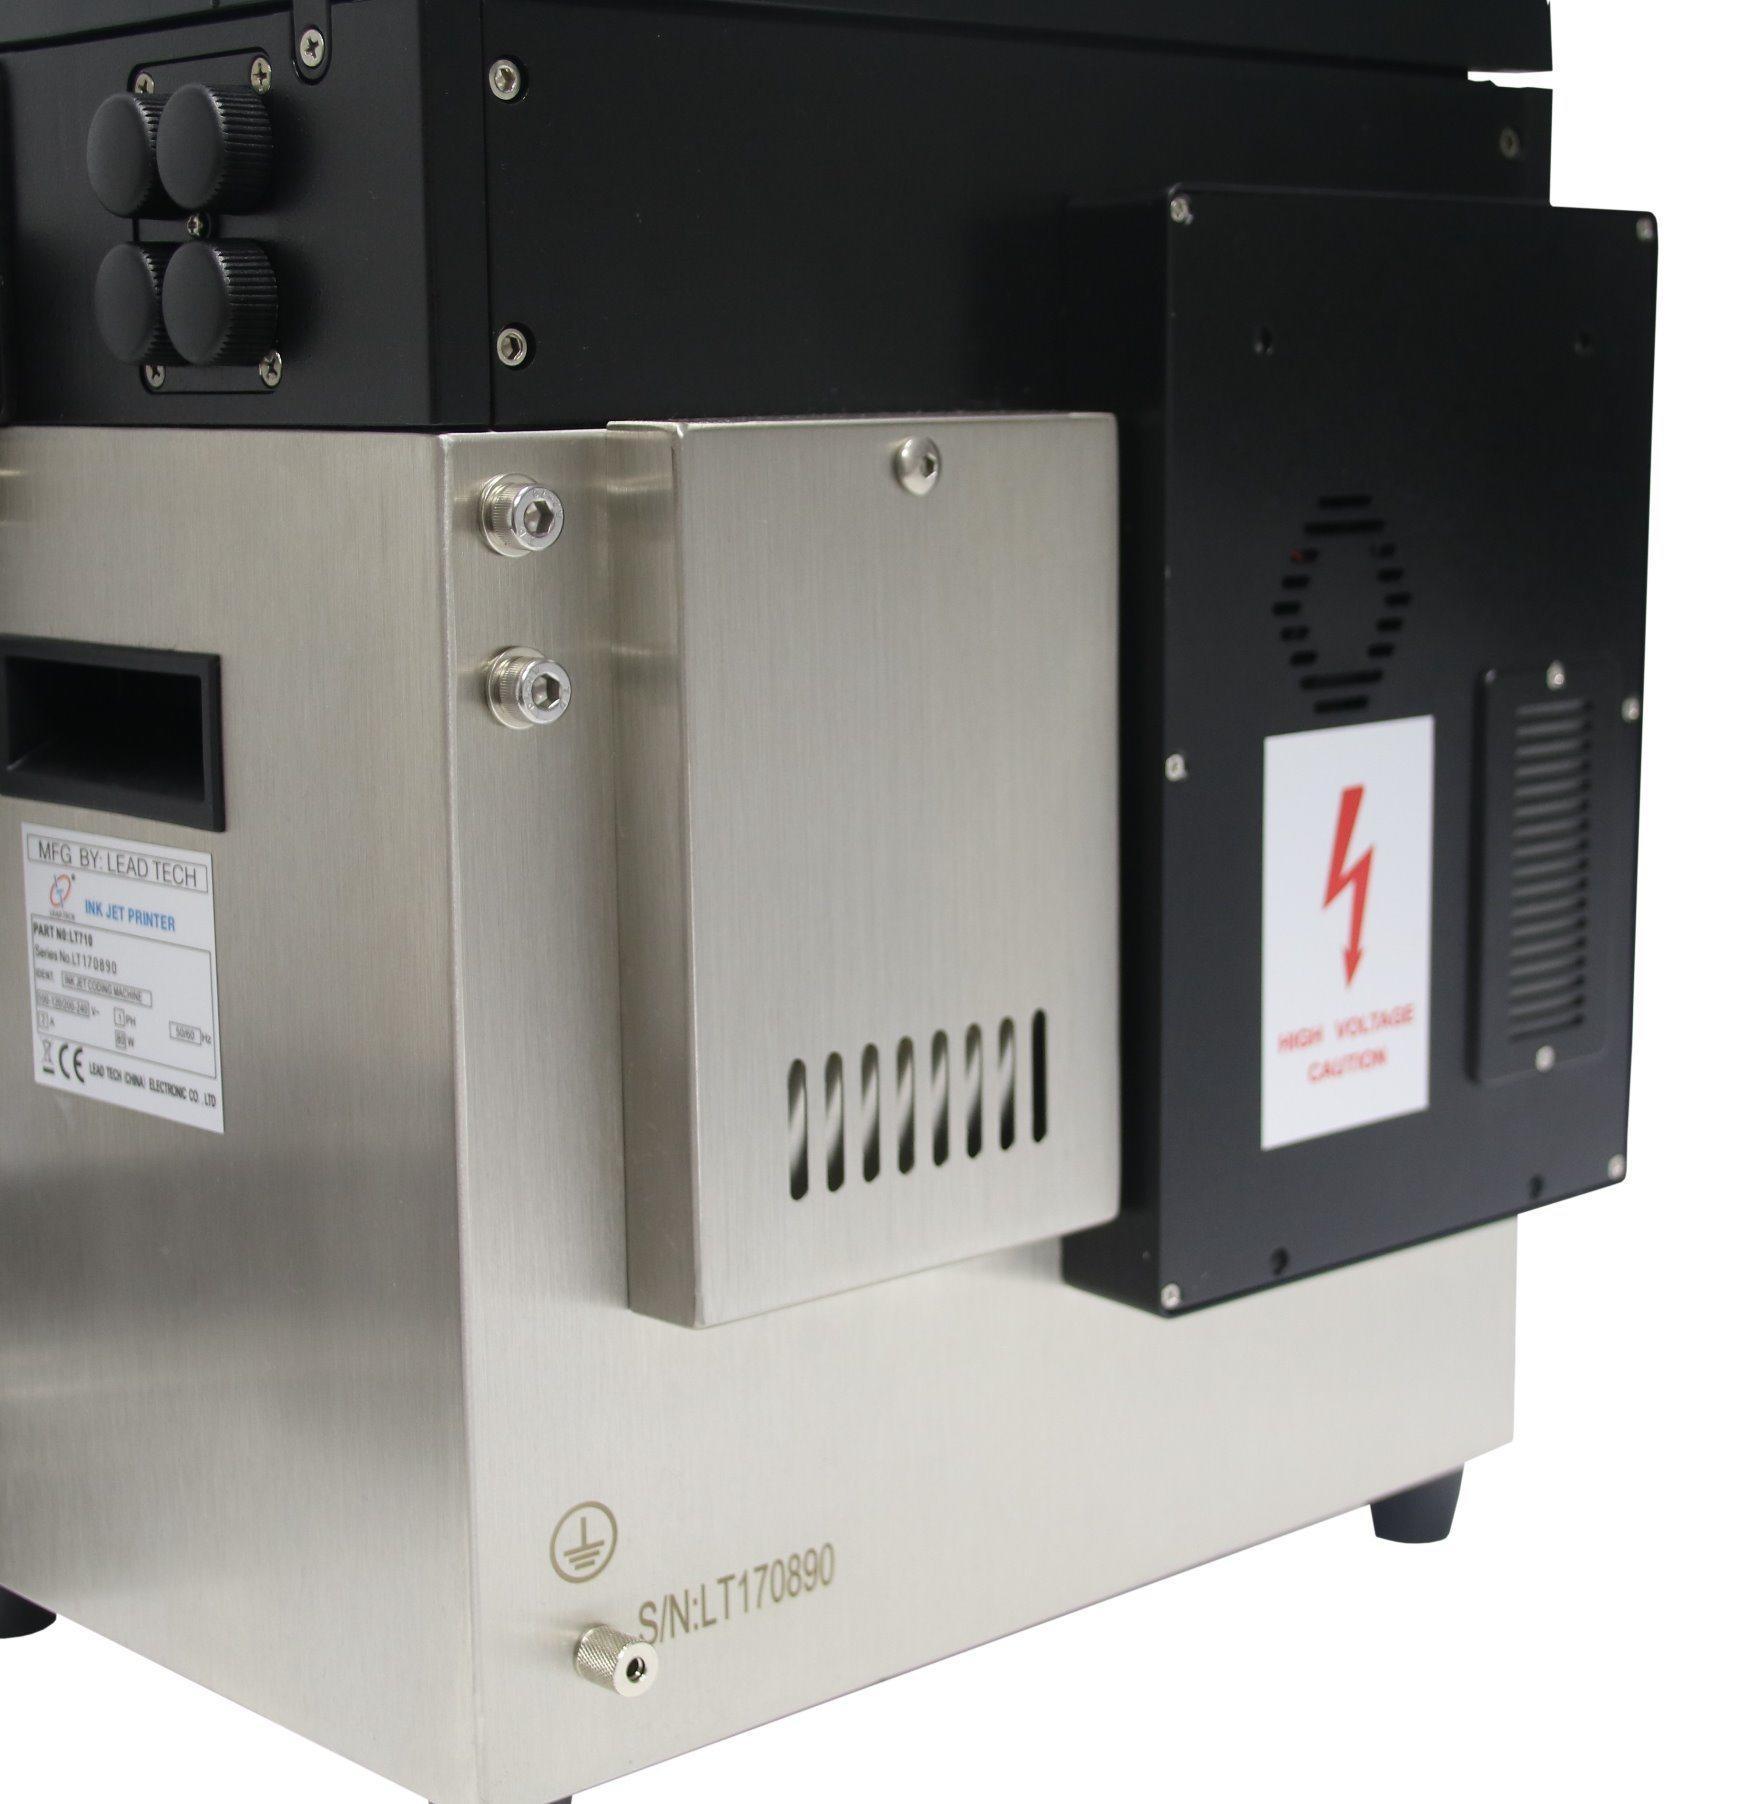 Lead Tech Lt760 Pet Bottle Coding Continuous Cij Inkjet Printer